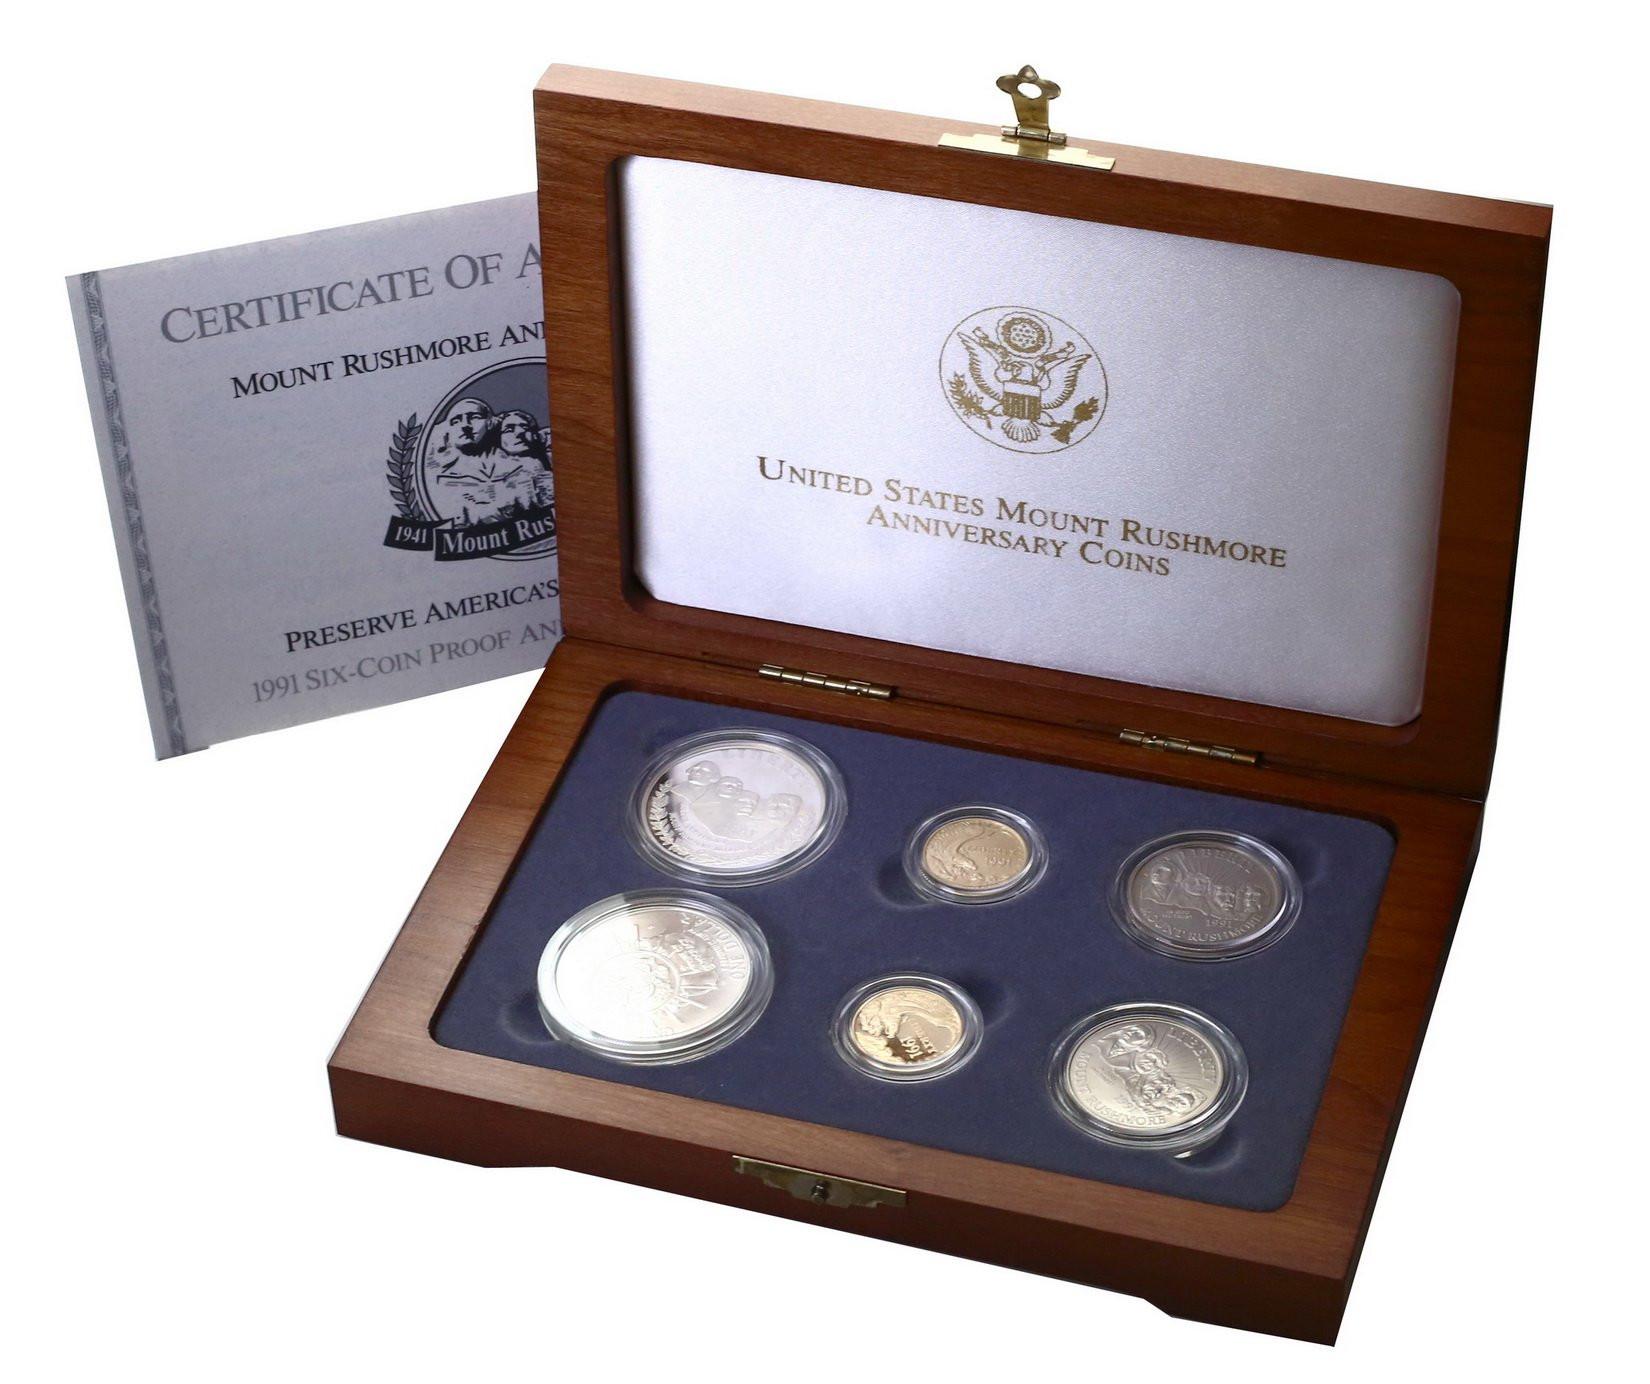 USA. Mount Rushmore - zestaw pamiątkowy Dolary 1991 - ZŁOTO + SREBRO